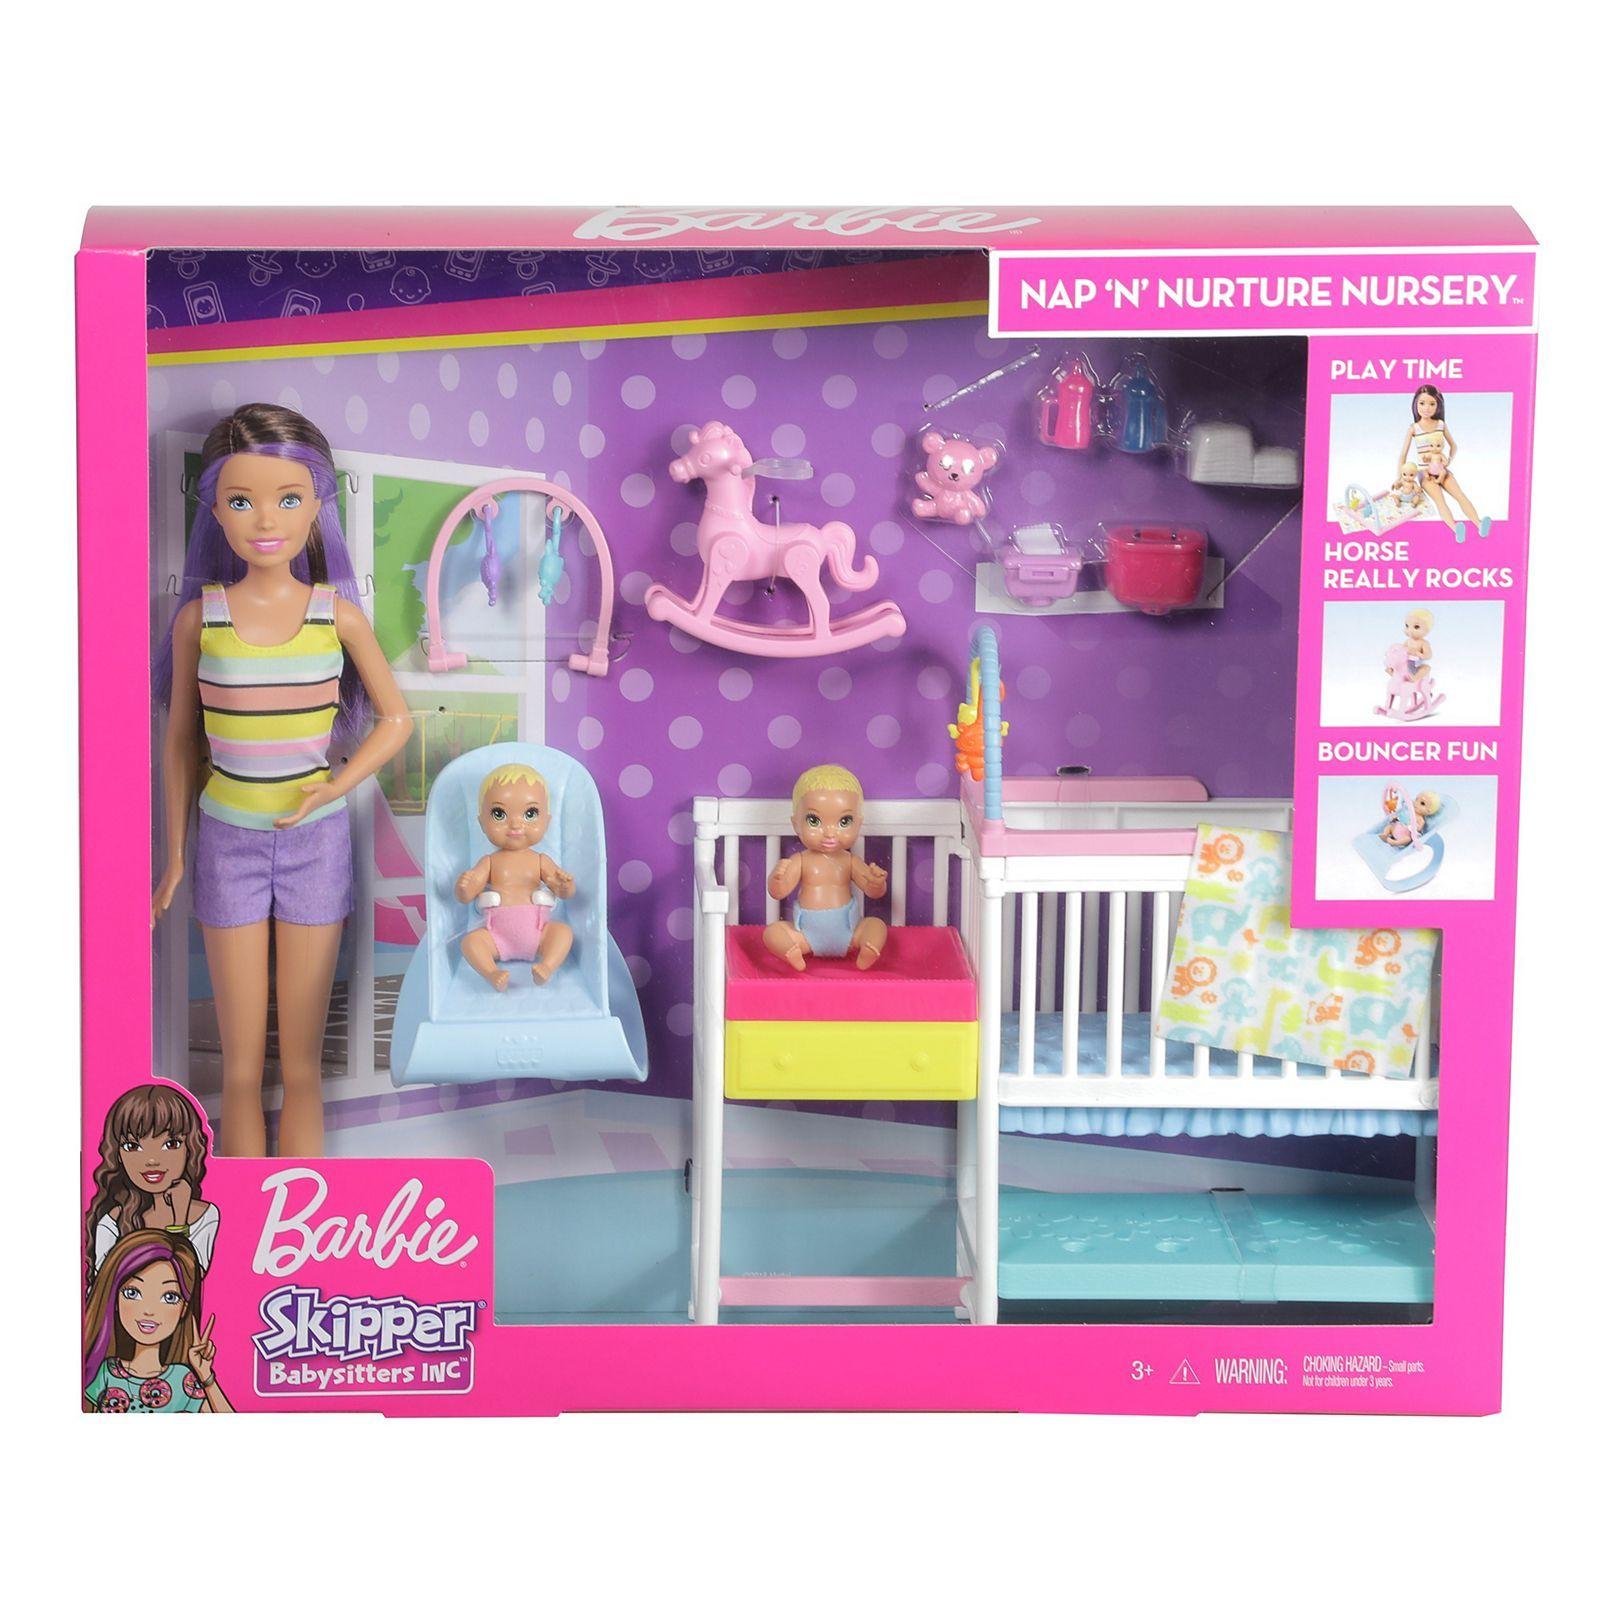 Barbie Skipper Babysitters Inc Nap 'n' Nurture Nursery